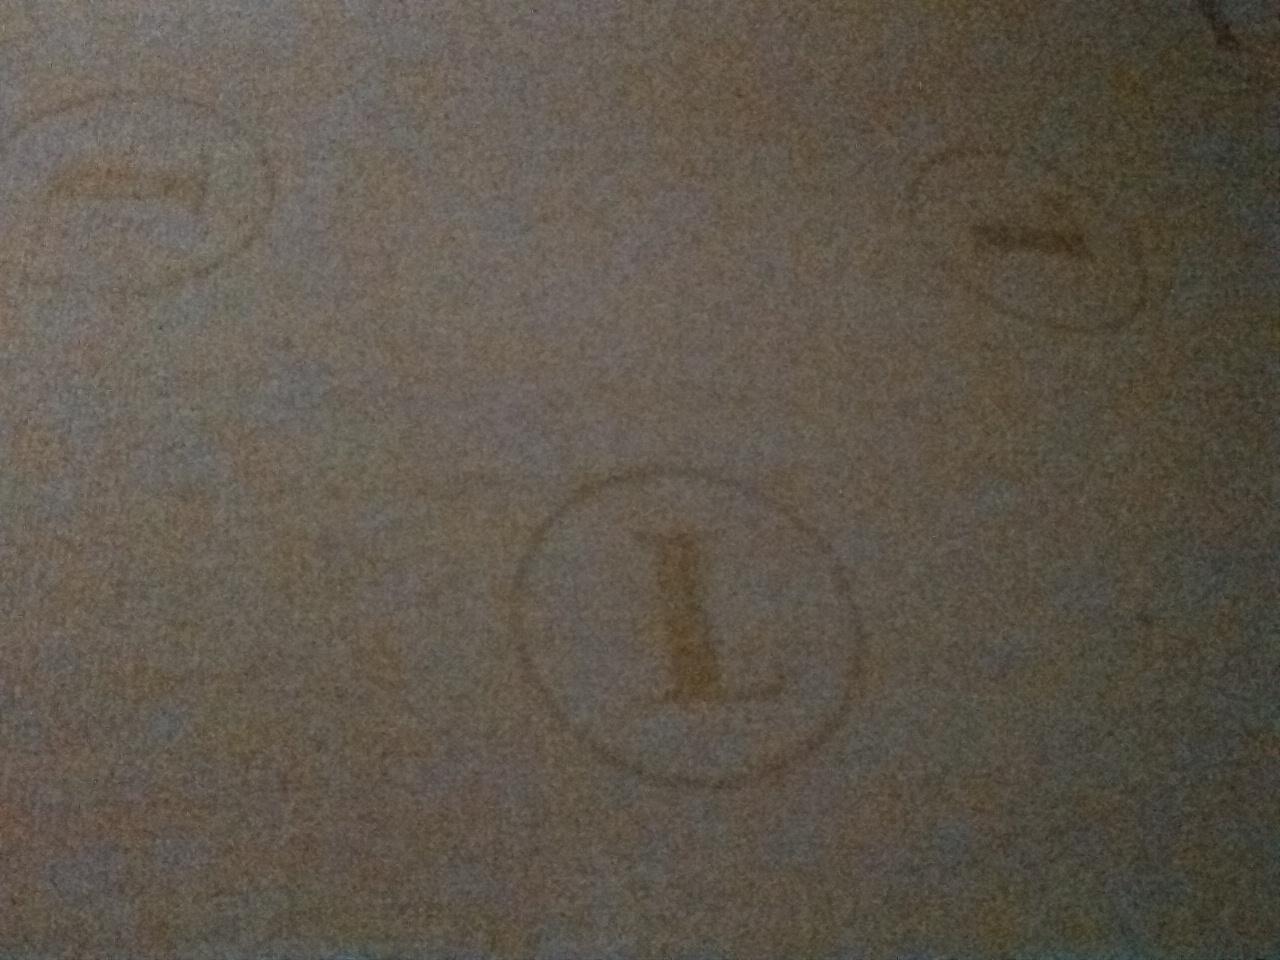 Mein Sofa Hersteller : von welchem hersteller ist mein sofa logo unbekannt ~ Watch28wear.com Haus und Dekorationen